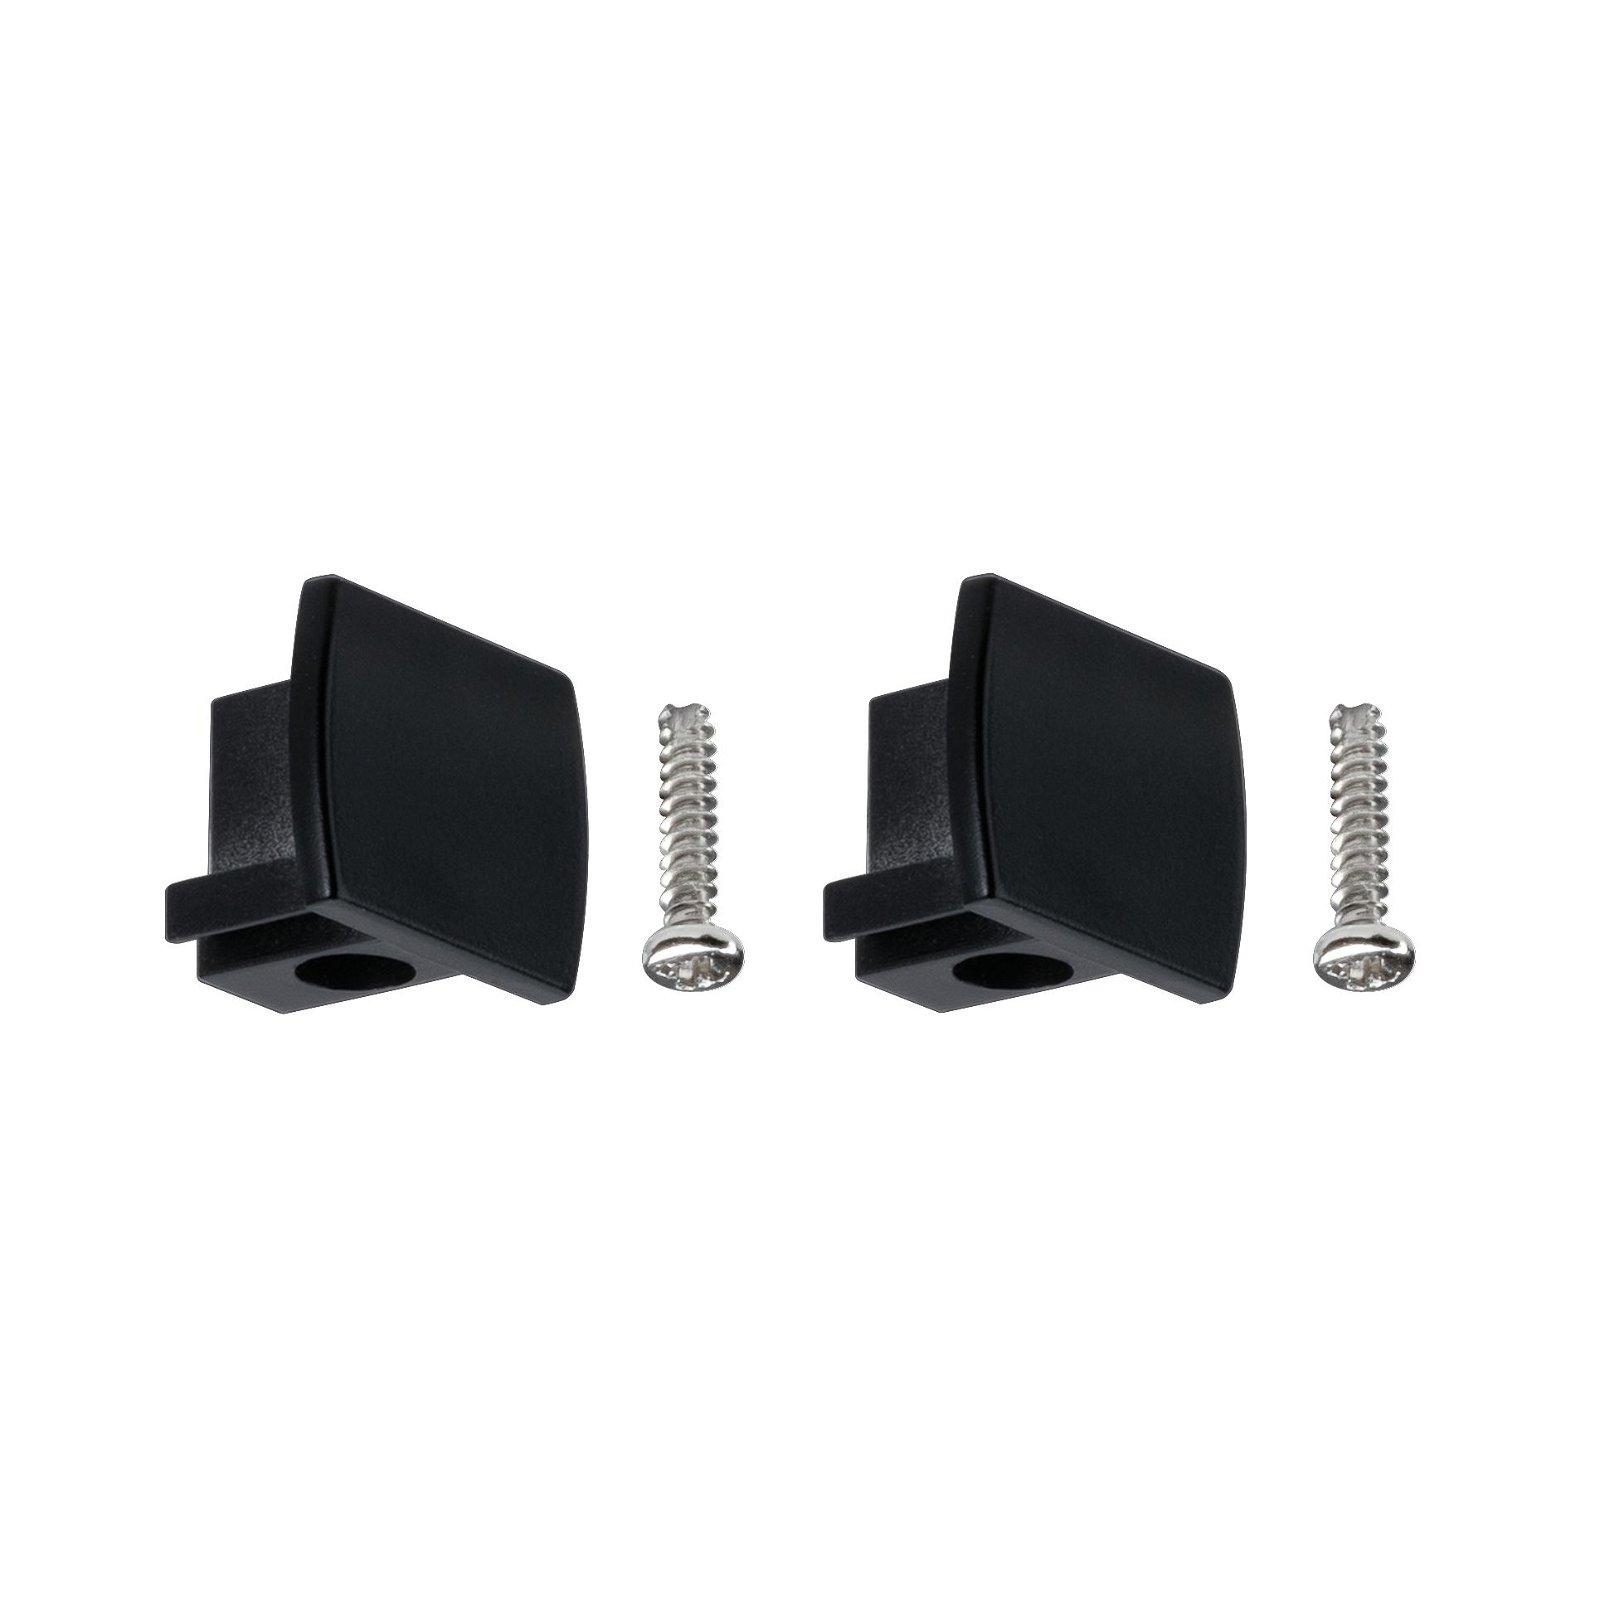 URail Verbindingen Set van 2 Eindkappen pak van 2 13x21mm Zwart